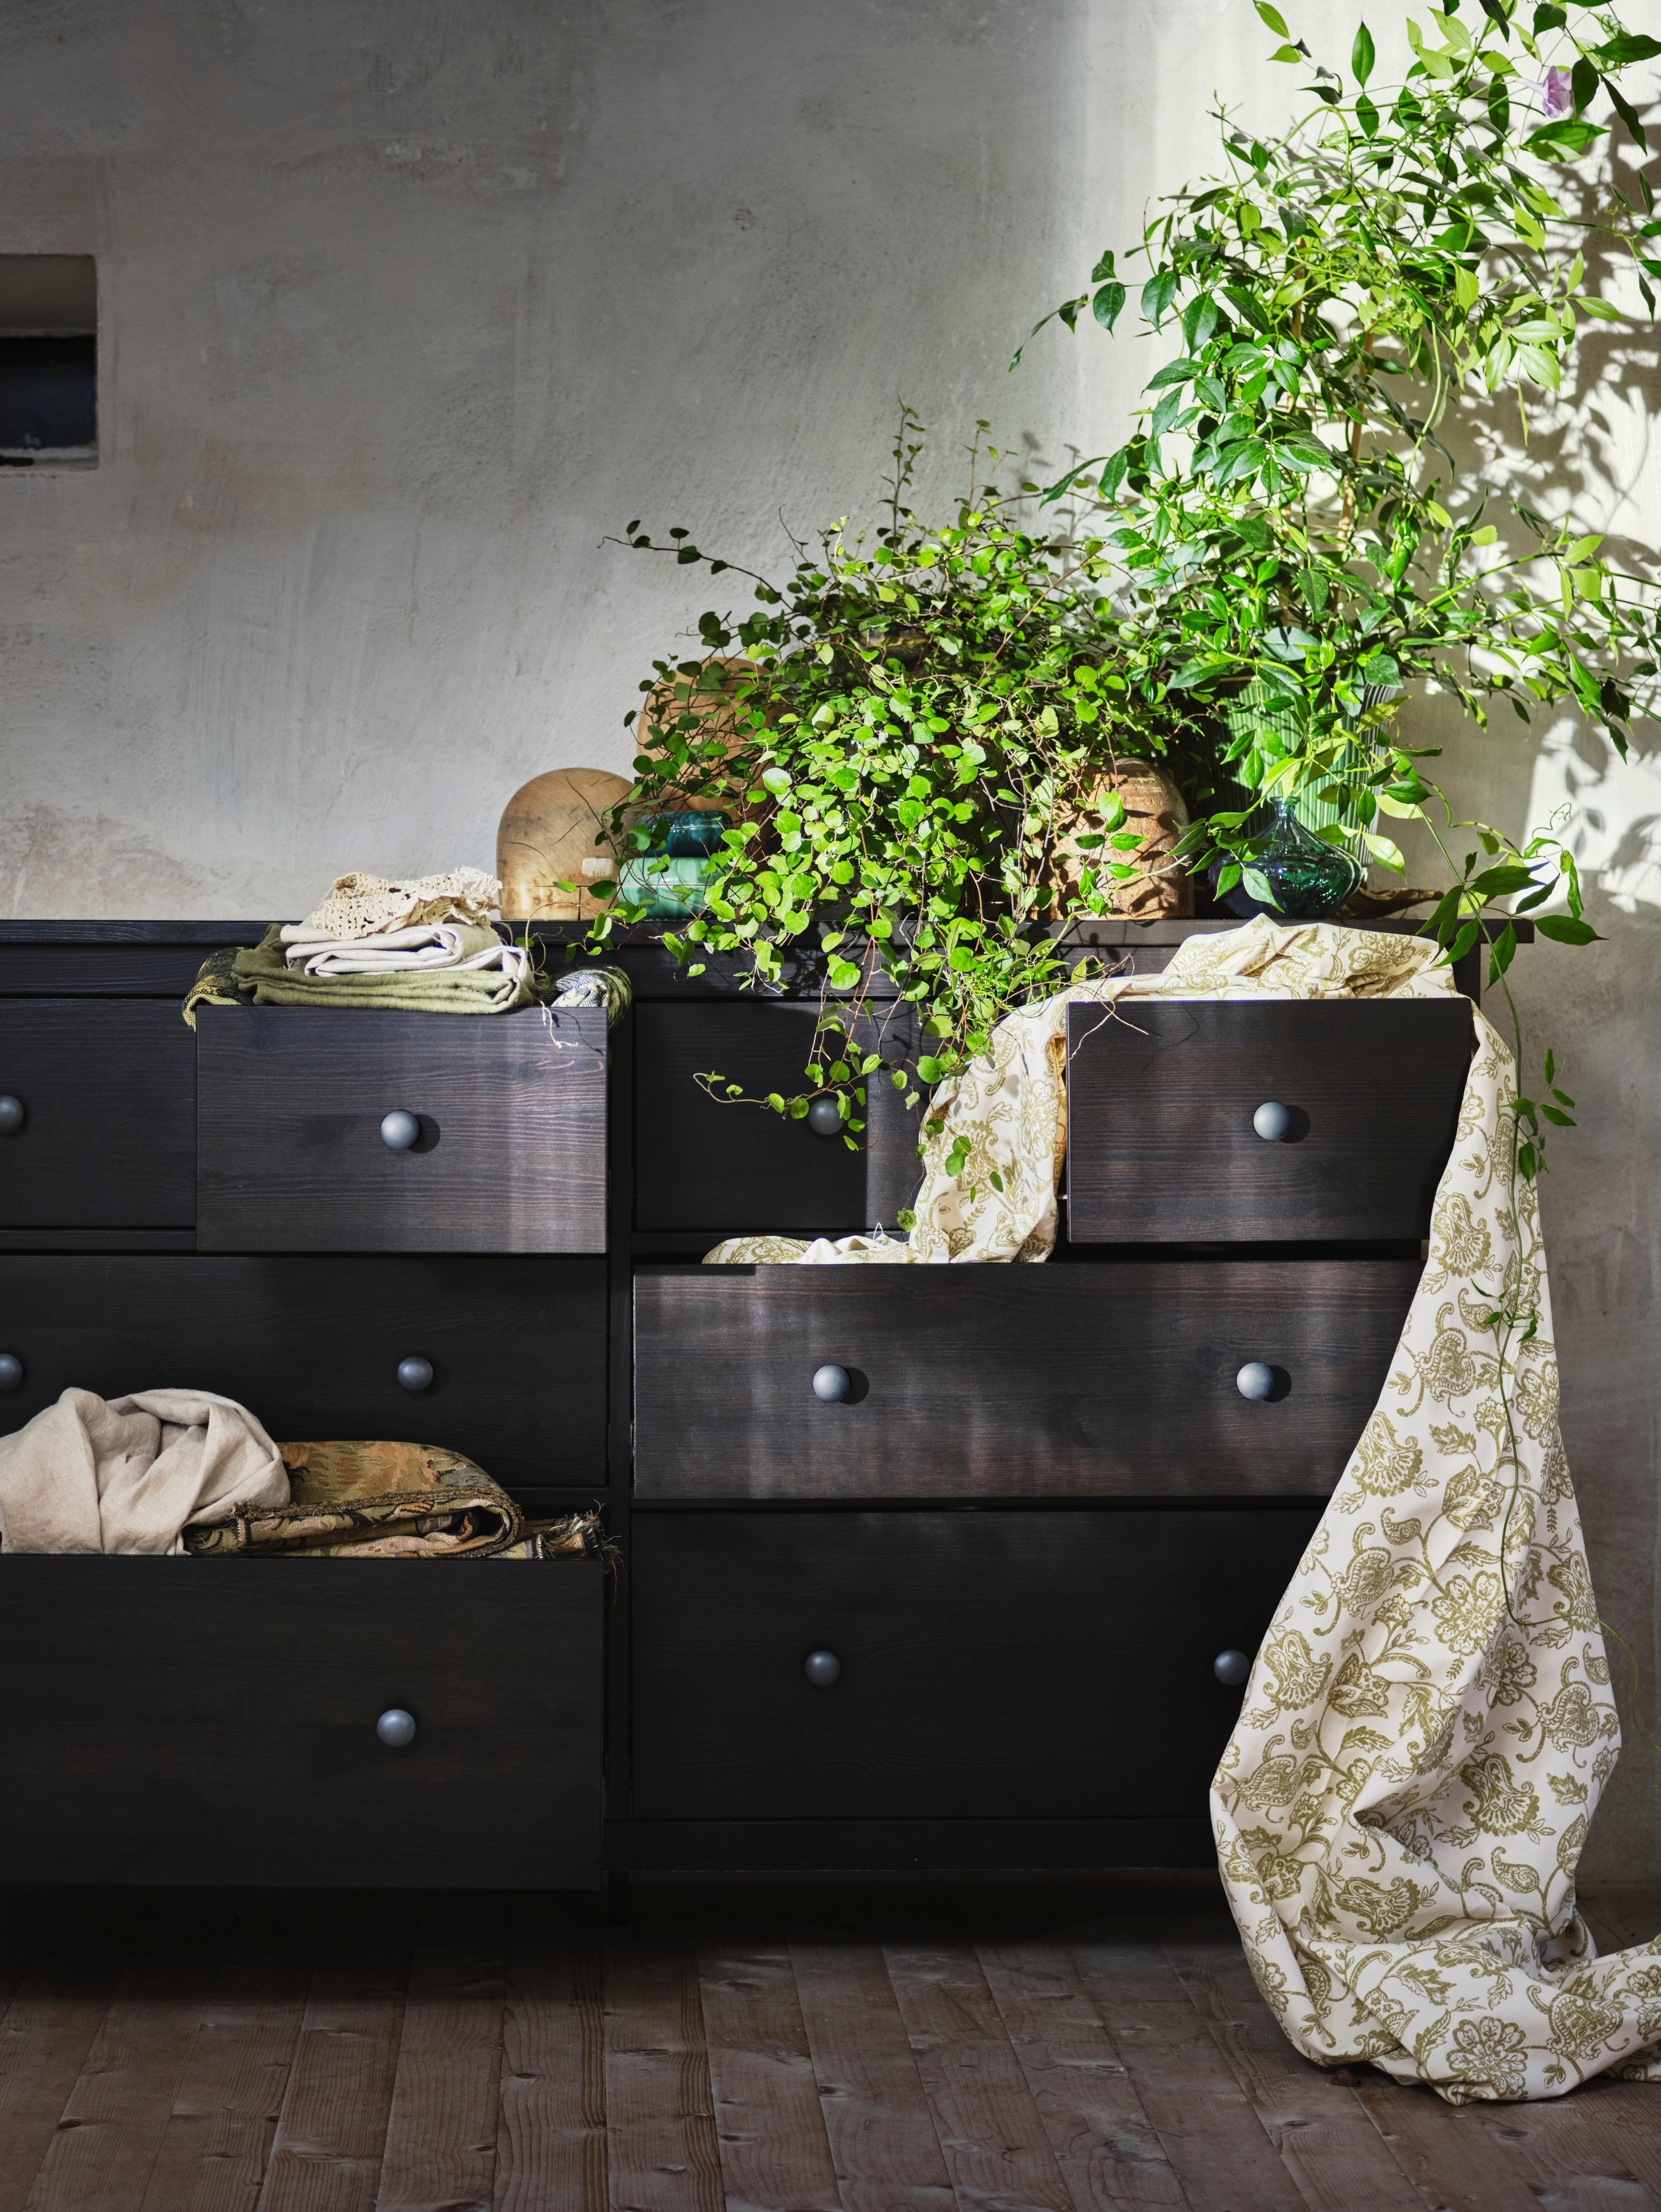 Velika crno-smeđa HEMNES komoda s posteljinom koja visi iz nekih ladica i biljke na vrhu, uza zid.